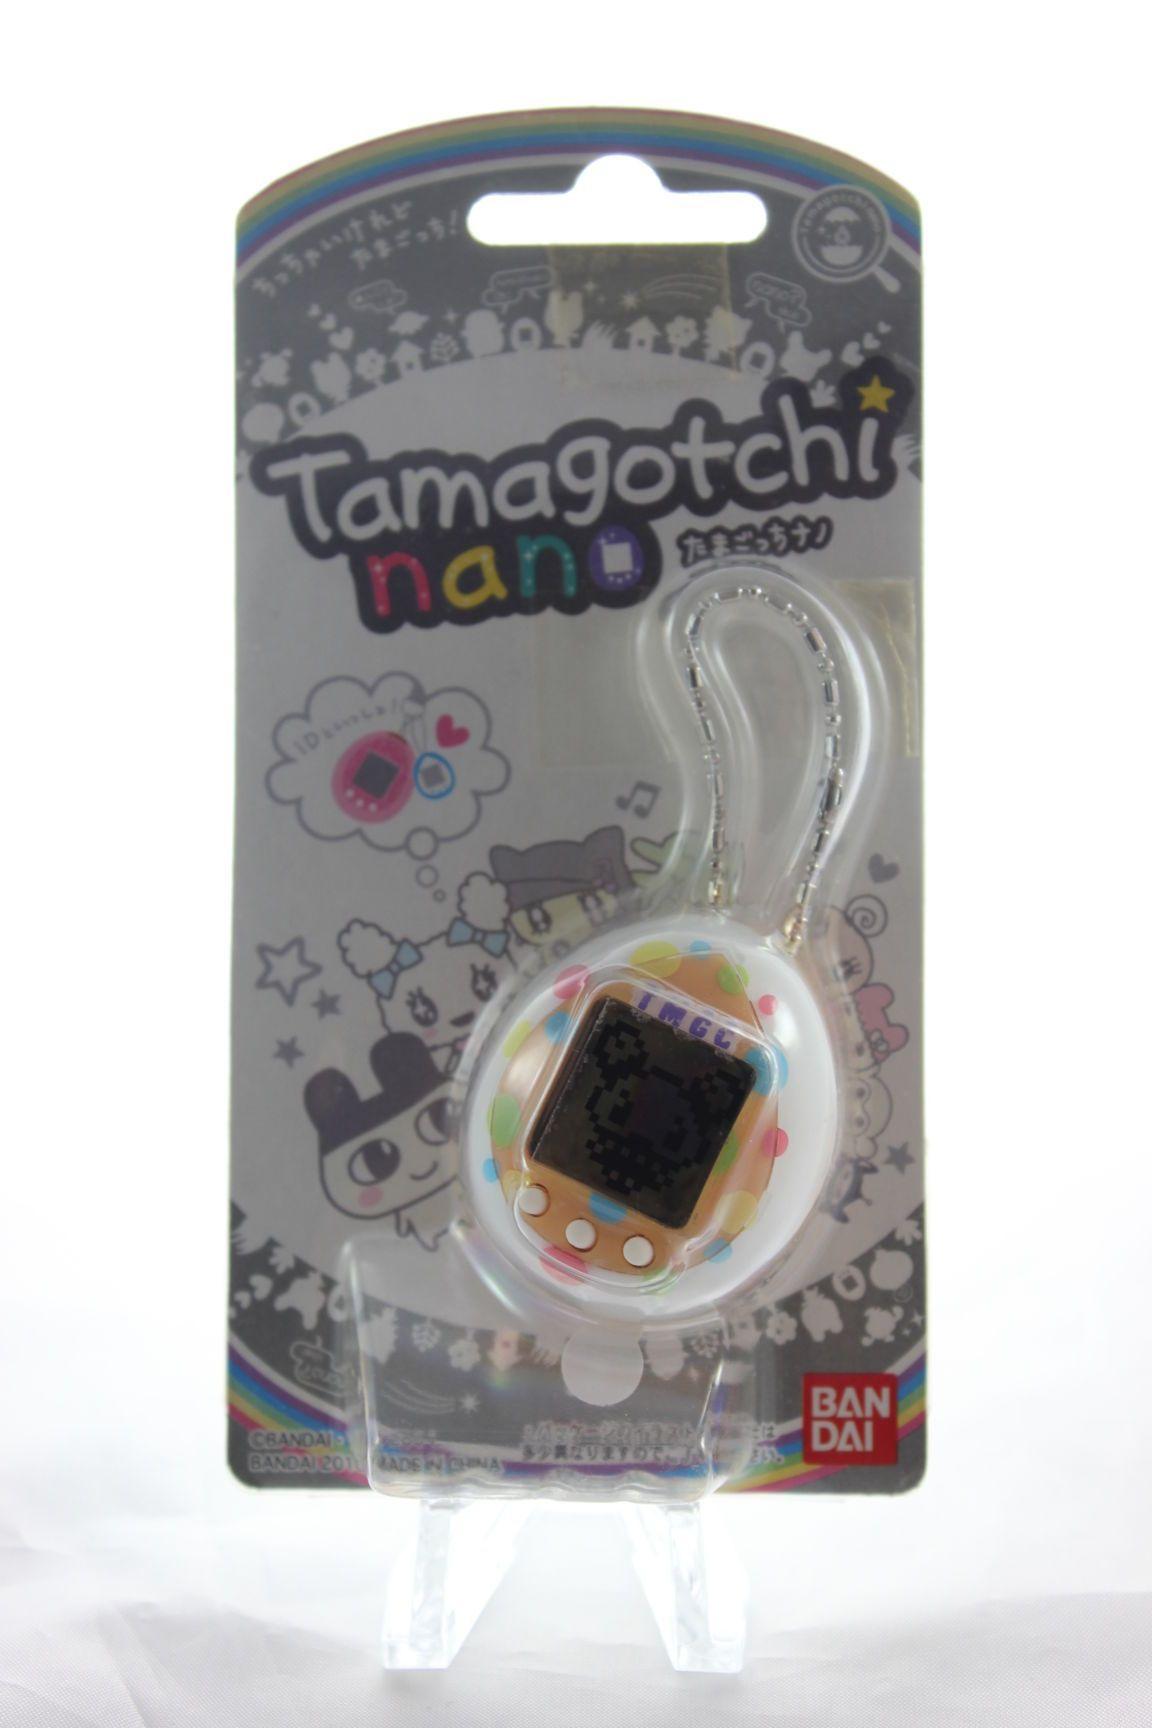 BoutiqueTamagotchis Le site d'achat du célébre jeu